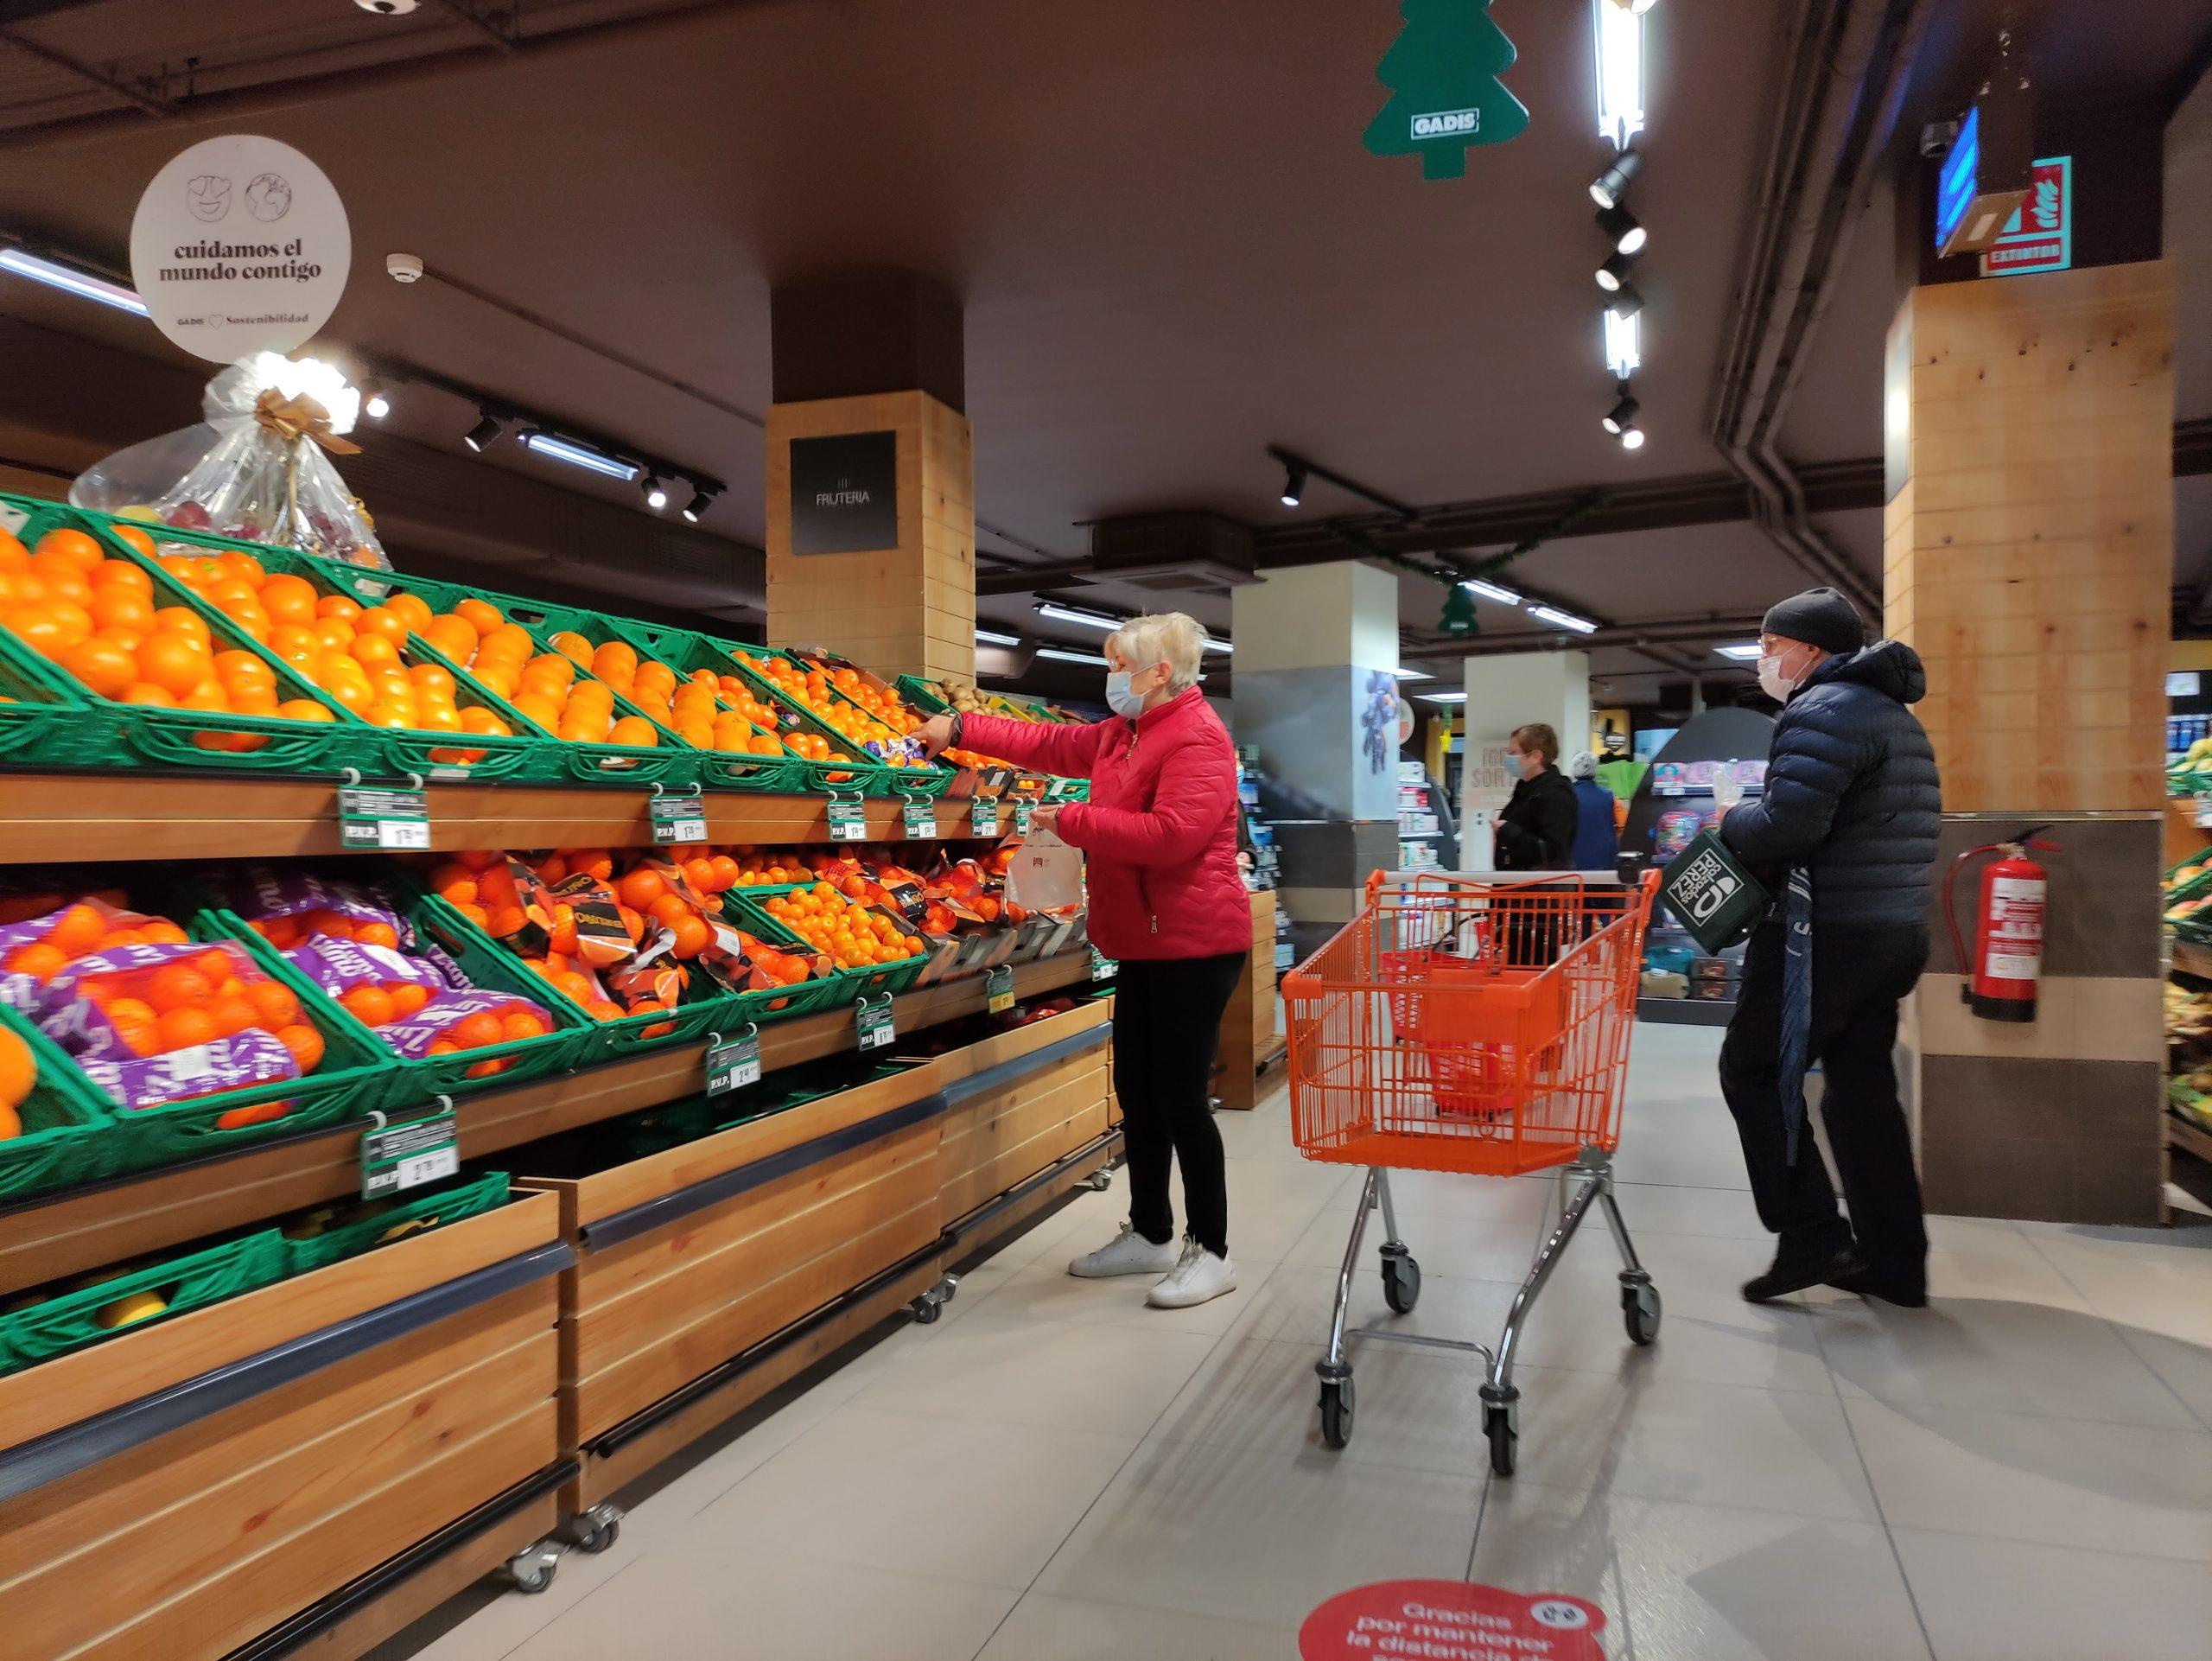 El Supermercado GADIS de la Calle Ancha reabre en Ponferrada, ampliando la superficie de venta 2